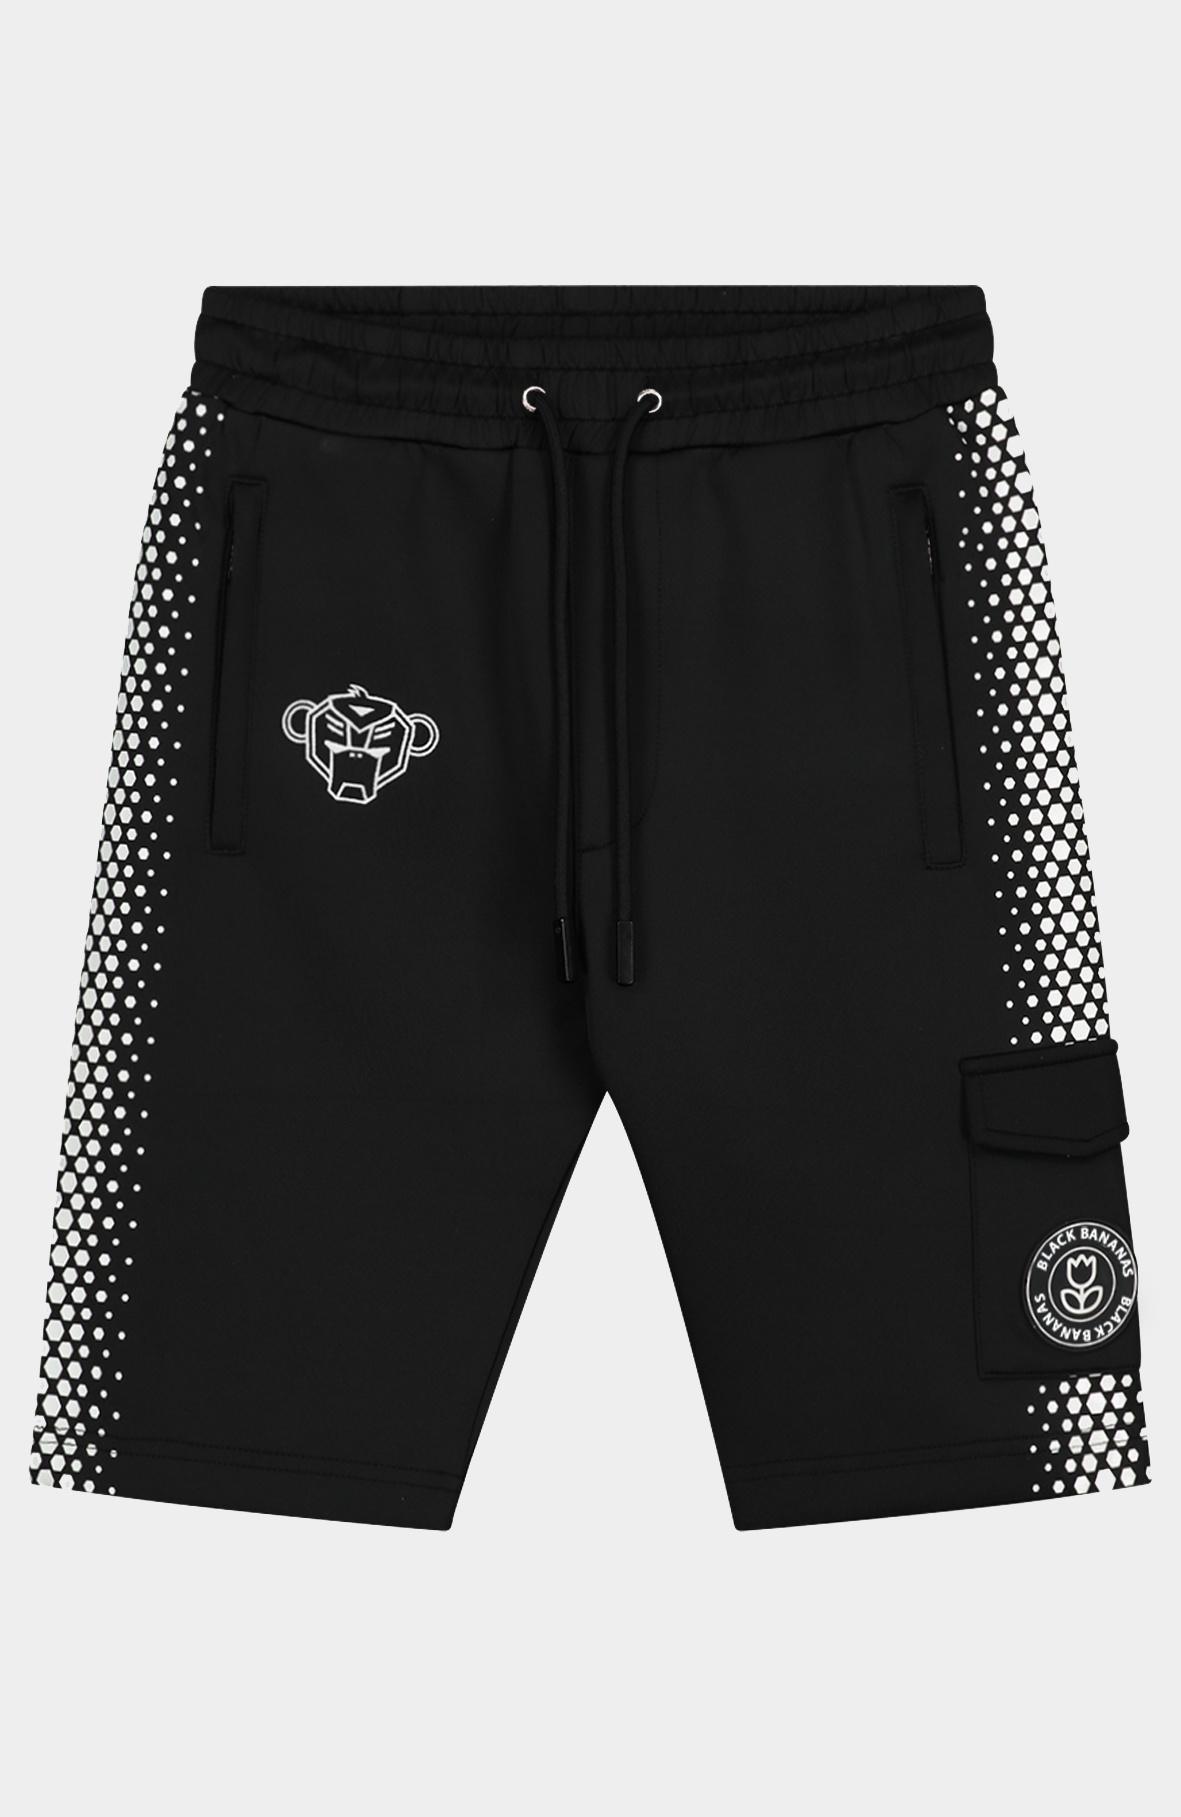 Jr. Hexagon Short Black/White-1